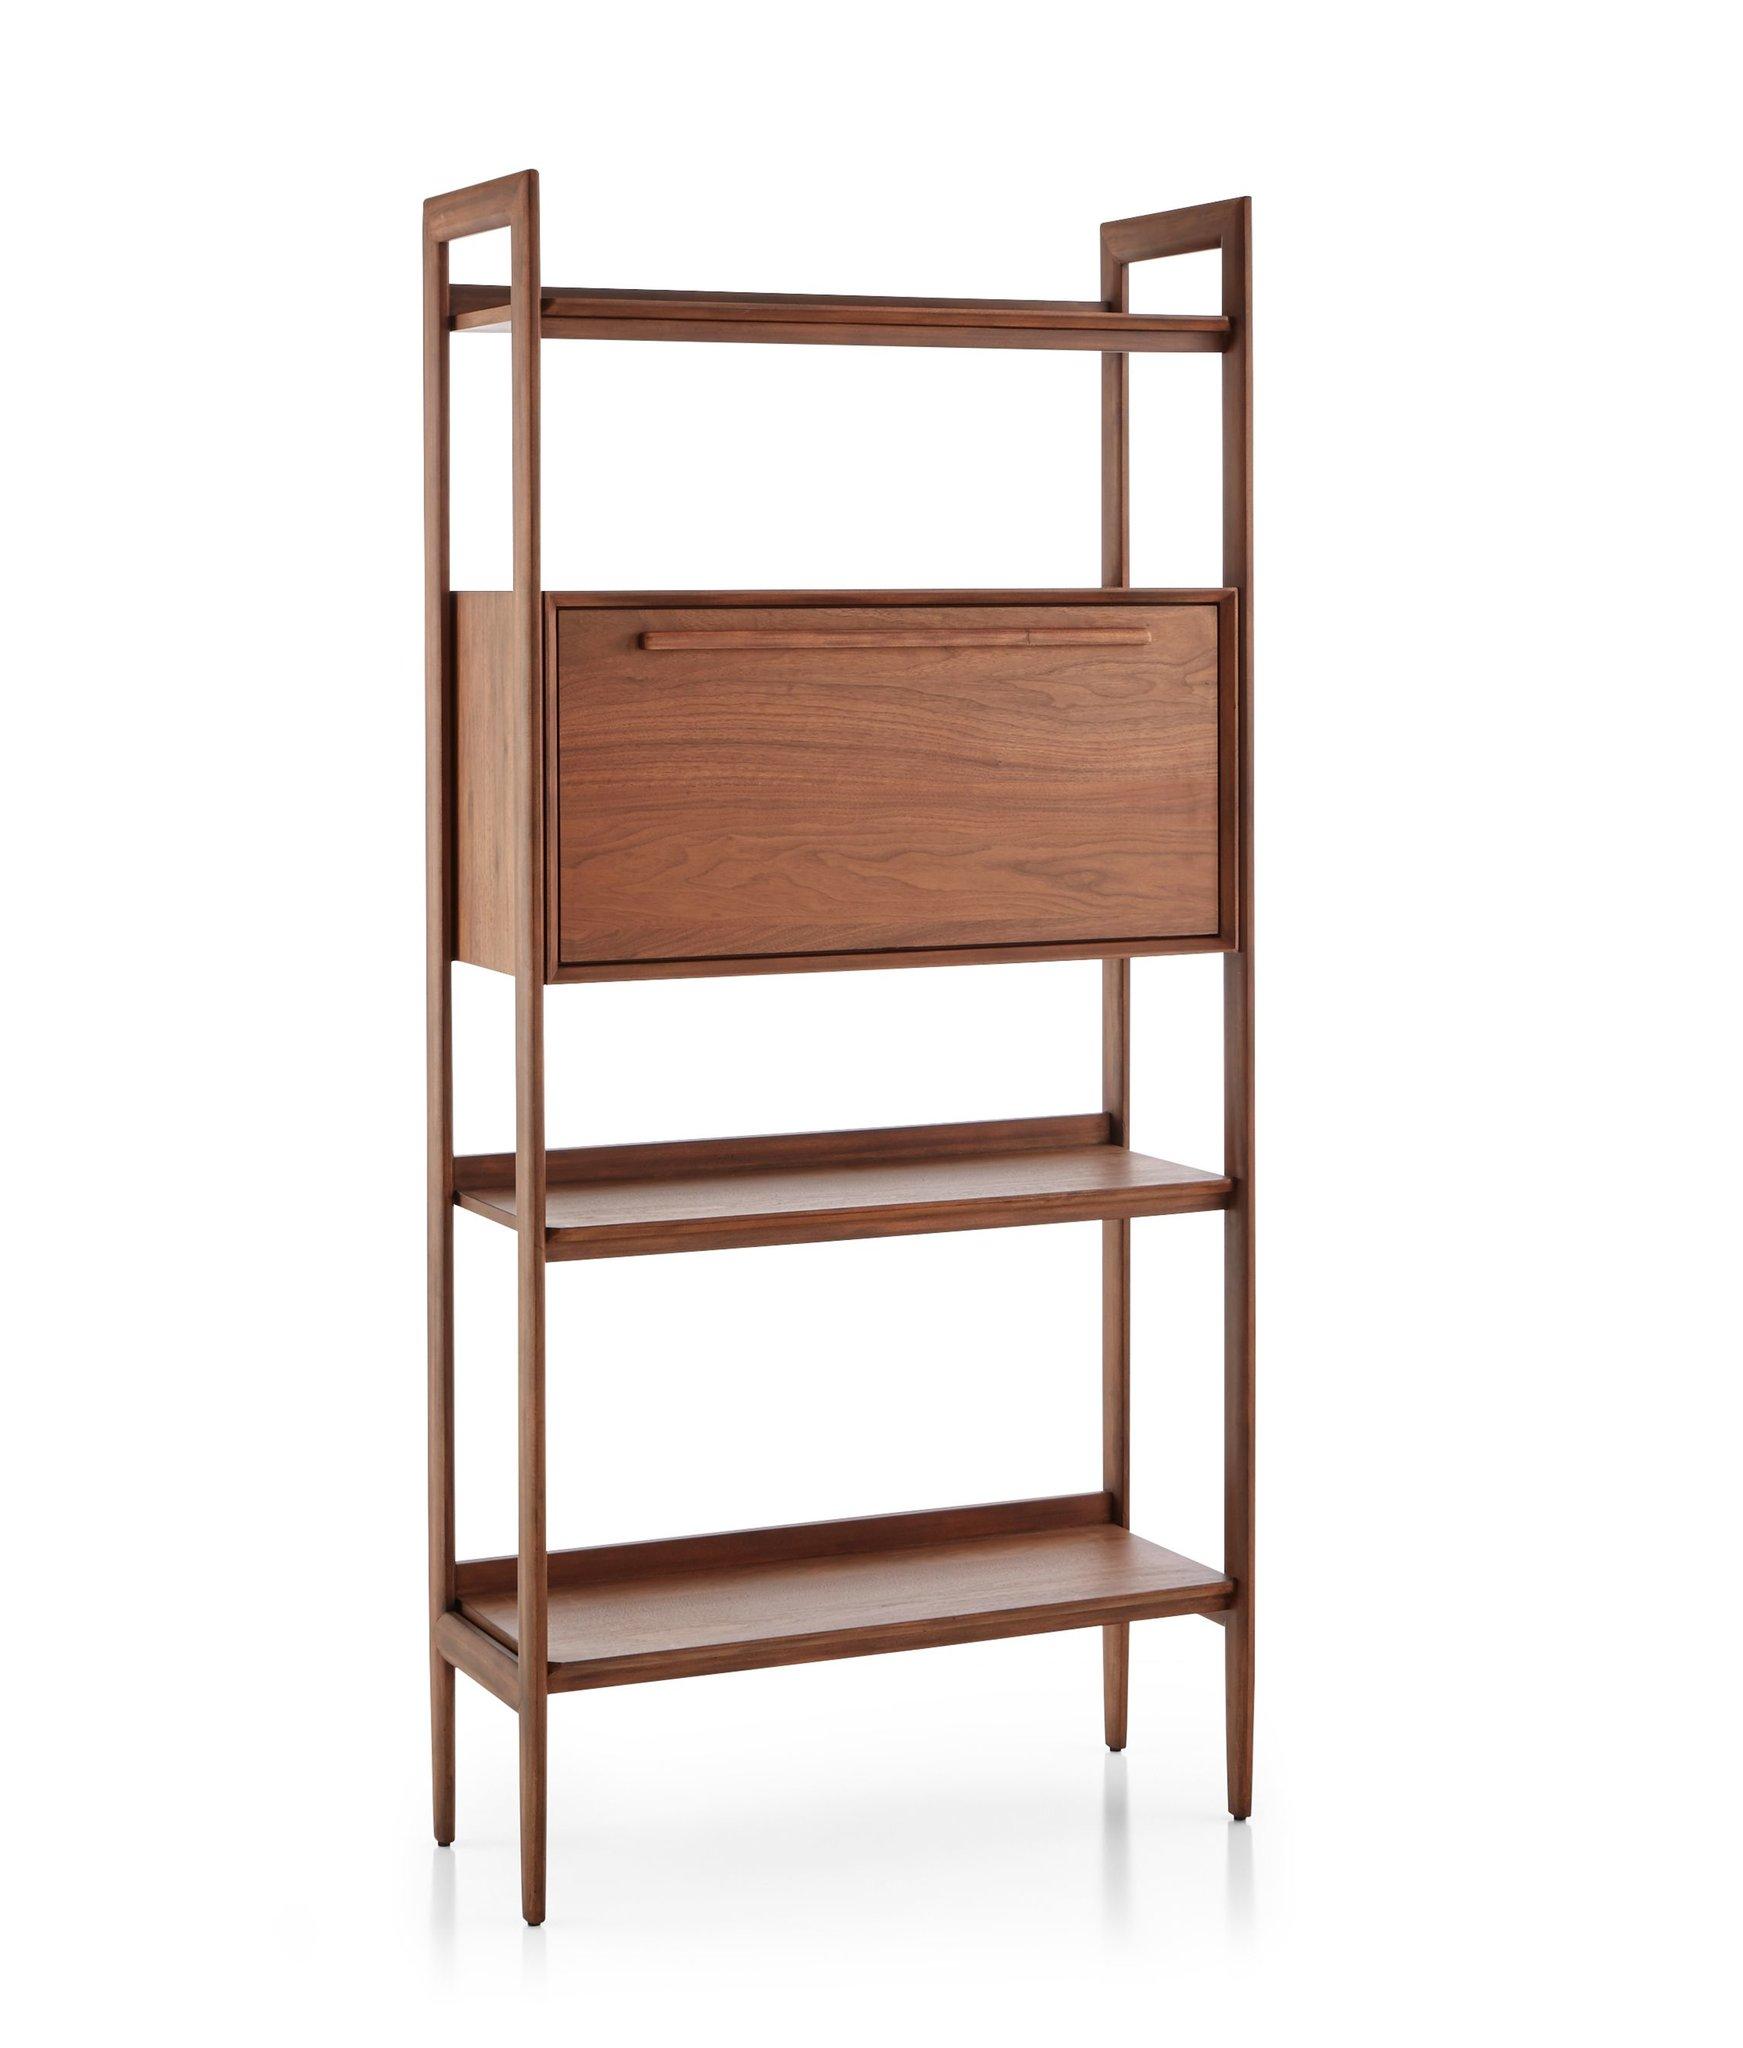 Tate Bookcase Bar - Crate & Barrel